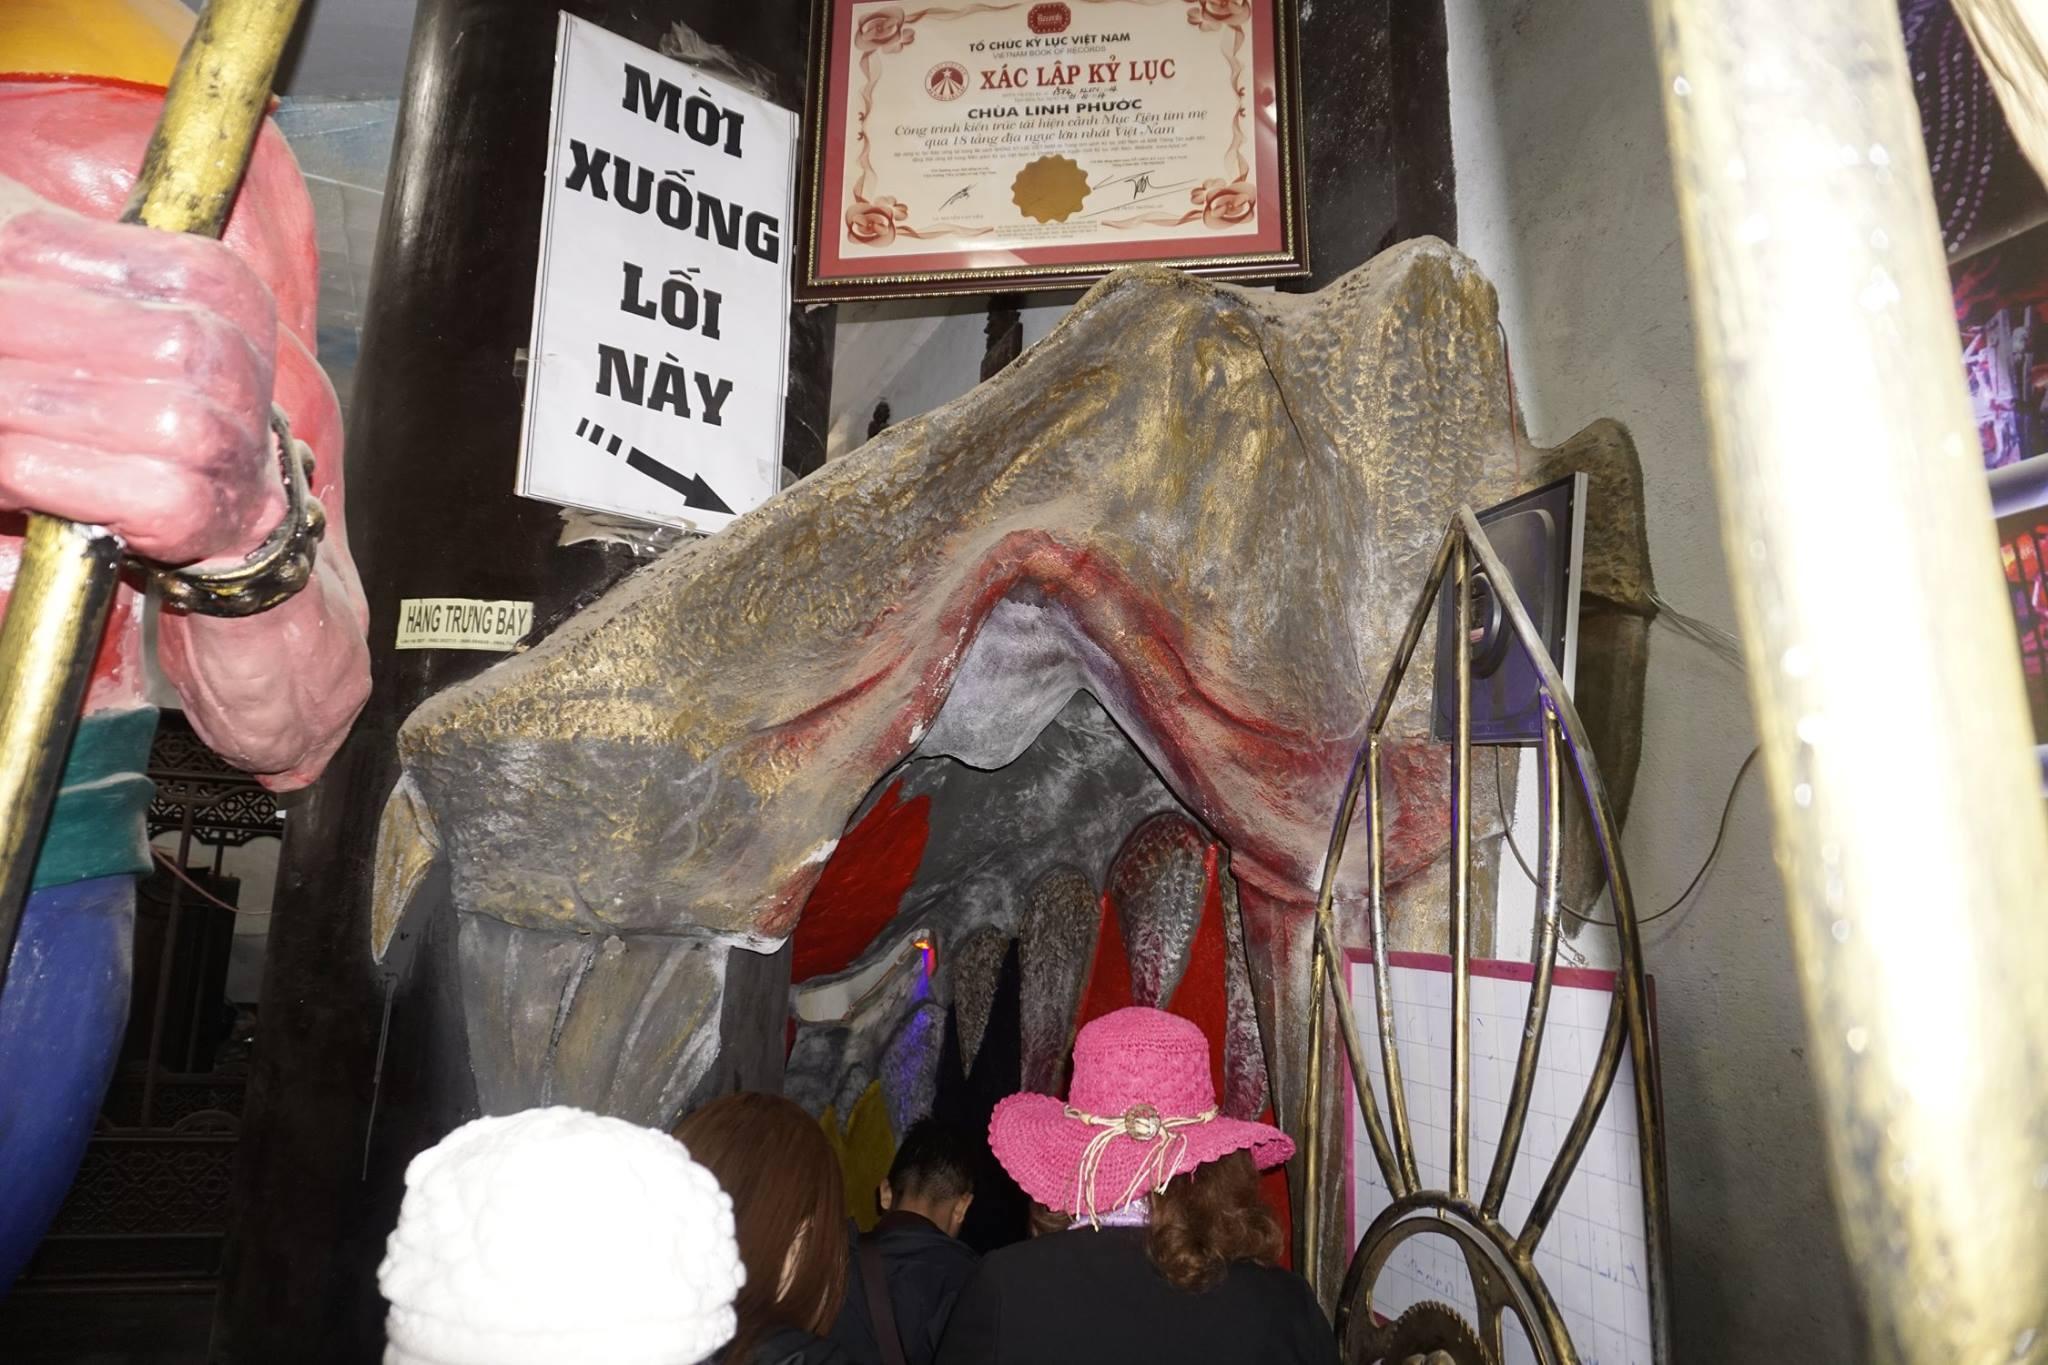 Vào hầm thăm 18 tầng địa ngục ở Chùa Linh Phước Đà Lạt | Thế giới phật pháp